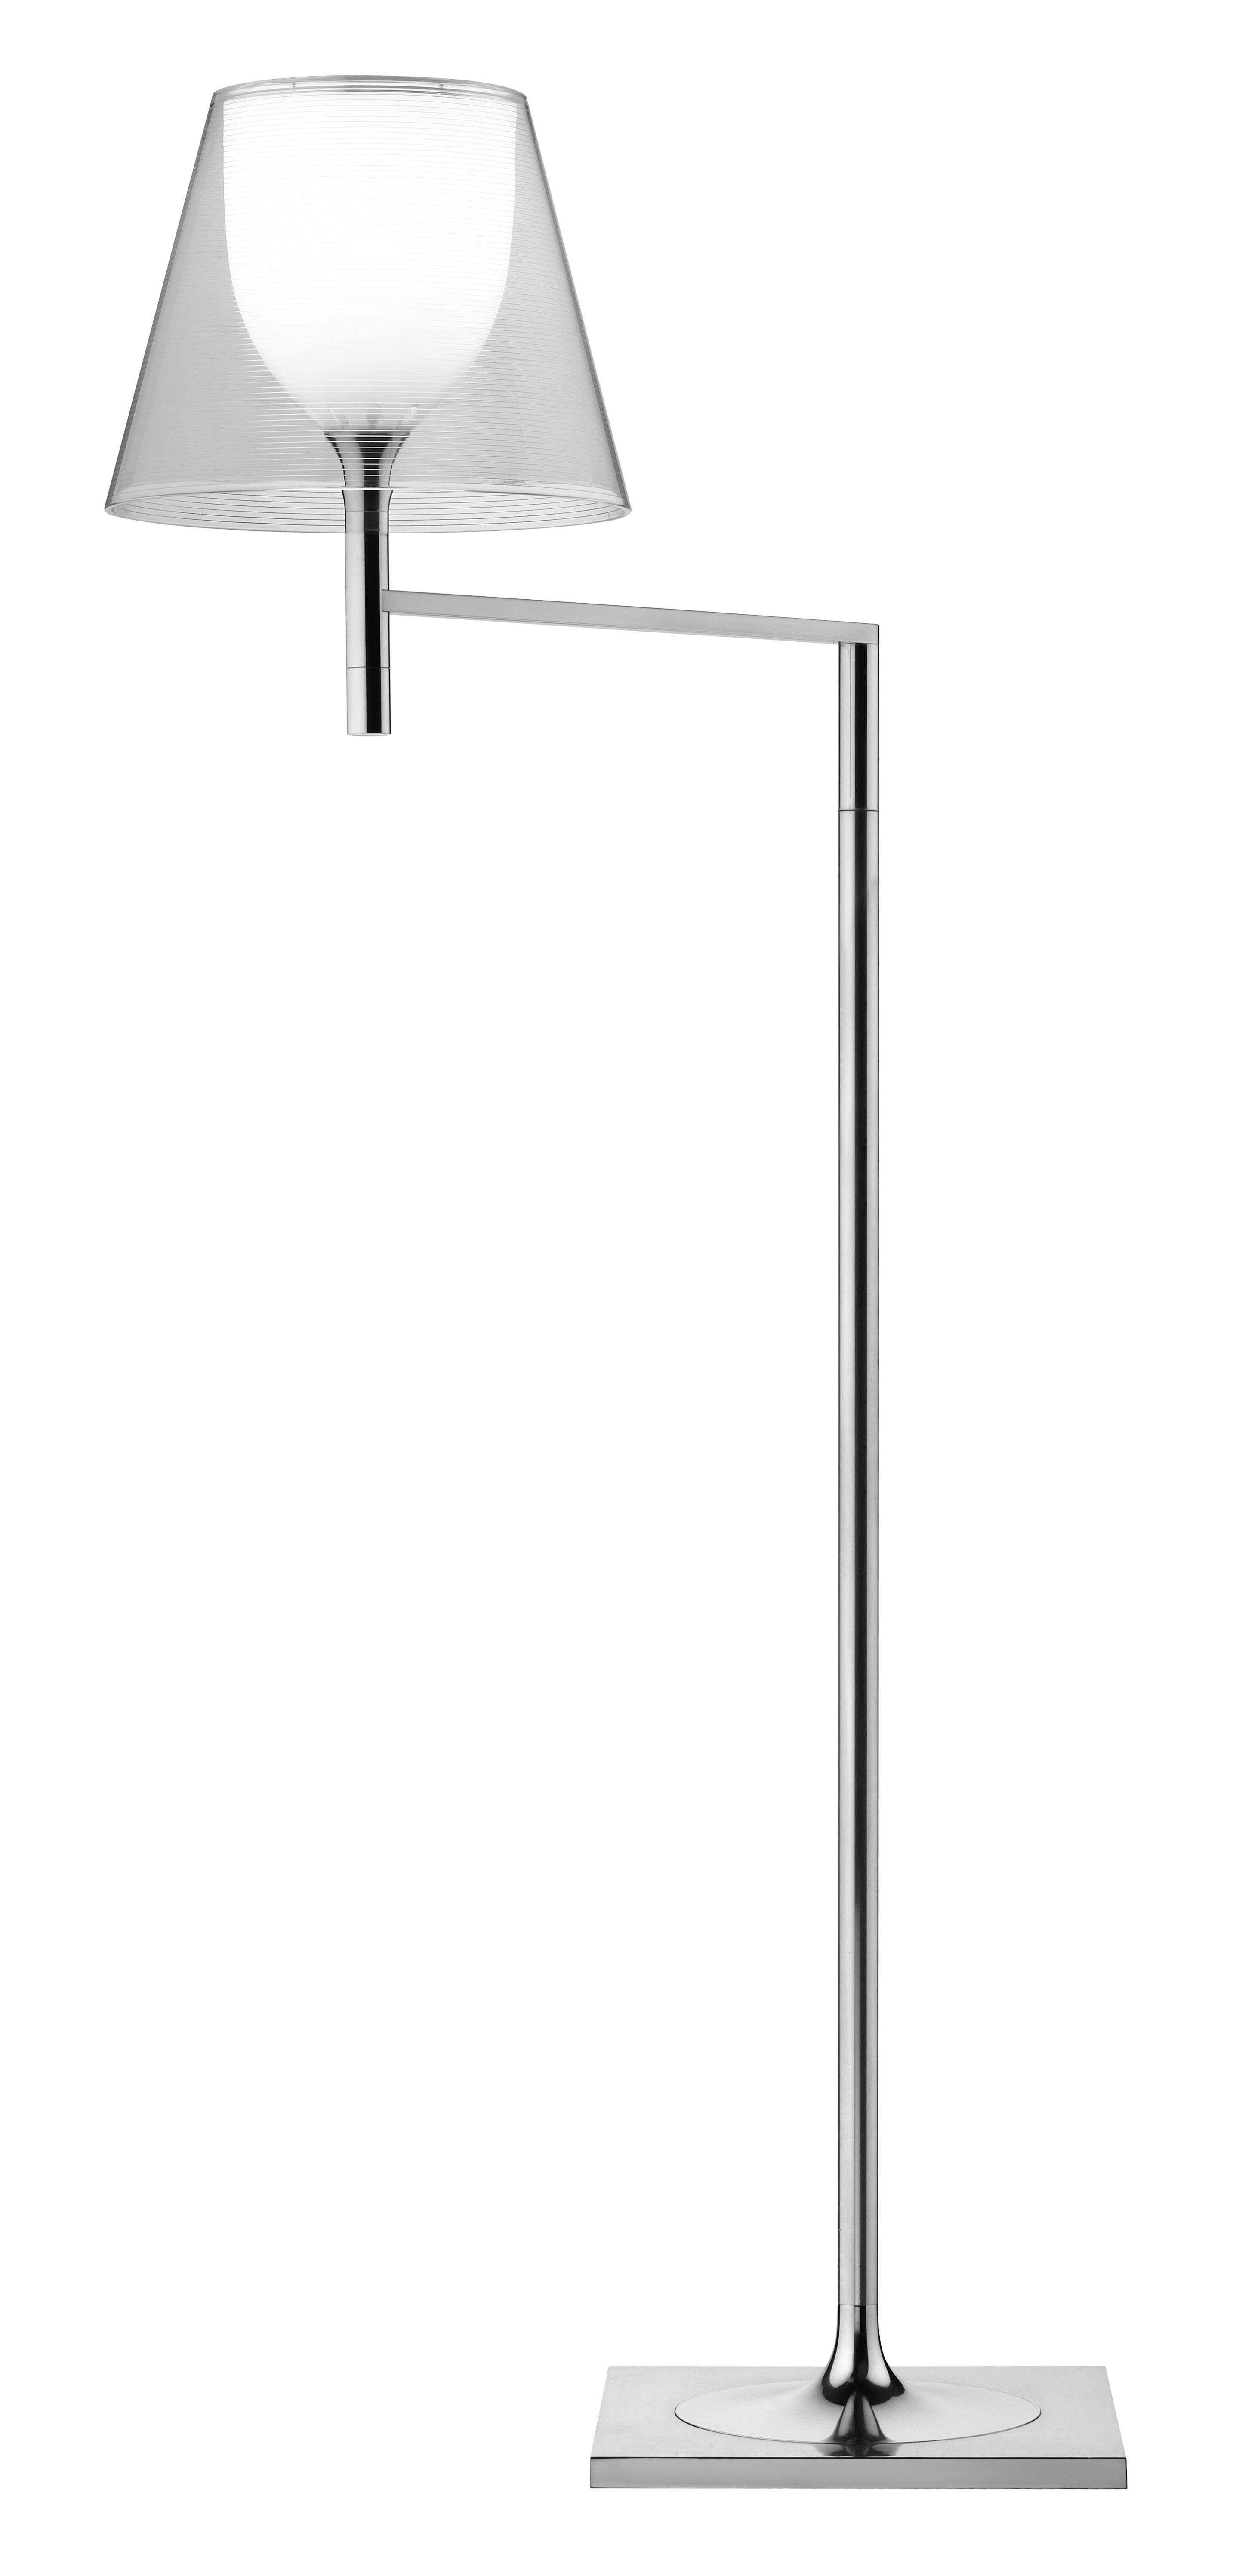 Luminaire - Lampadaires - Lampadaire K Tribe F1 H 112 cm - Flos - Transparent - Aluminium poli, PMMA